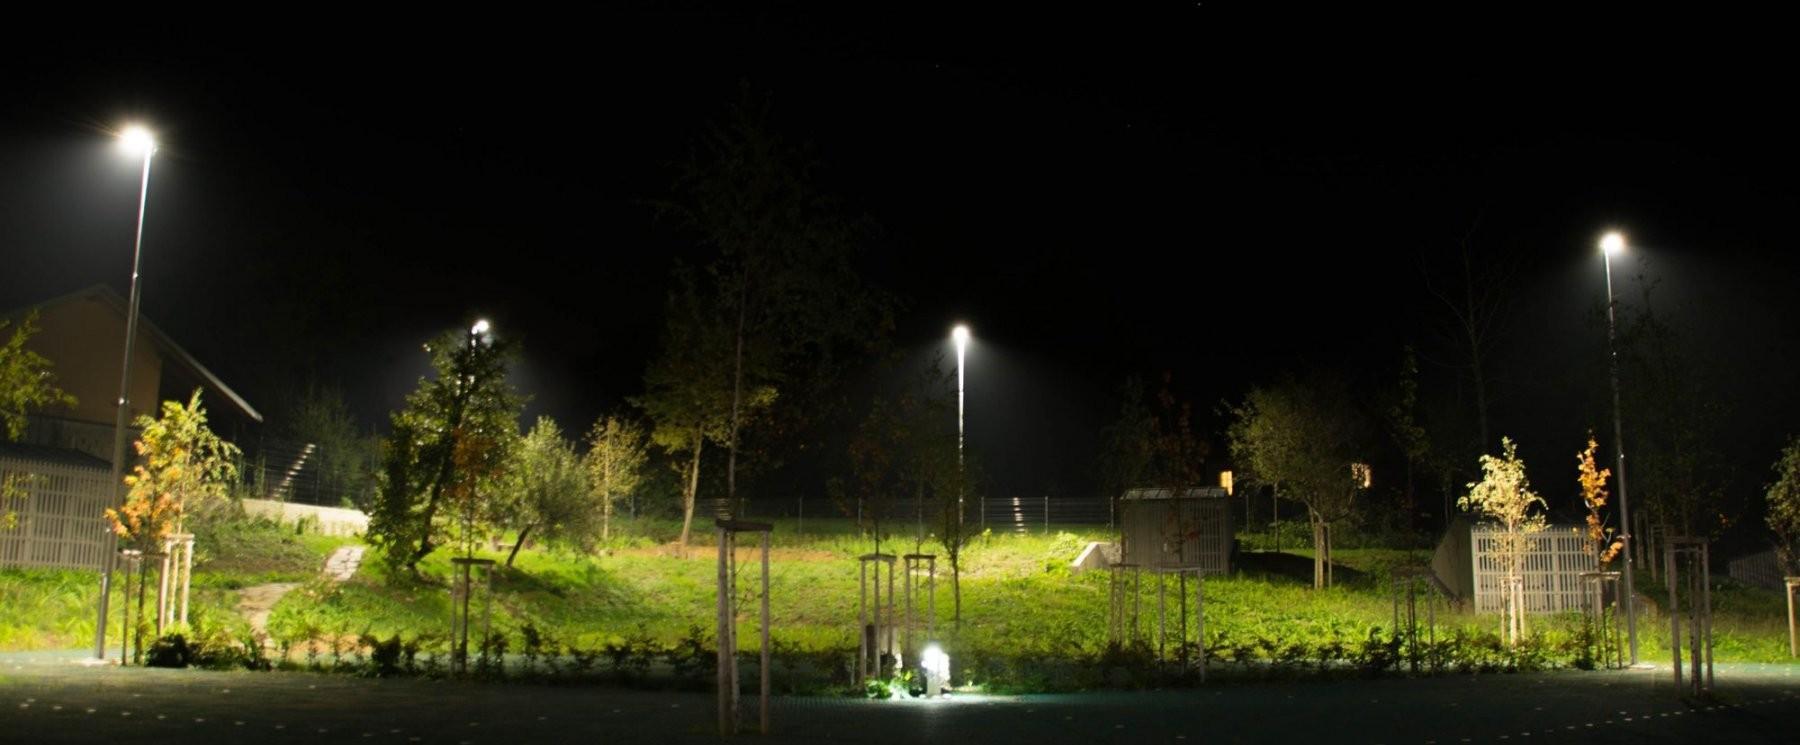 Dobra javna razsvetljava mora biti svetlobno-tehnično ustrezna, ekonomična in okolju prijazna